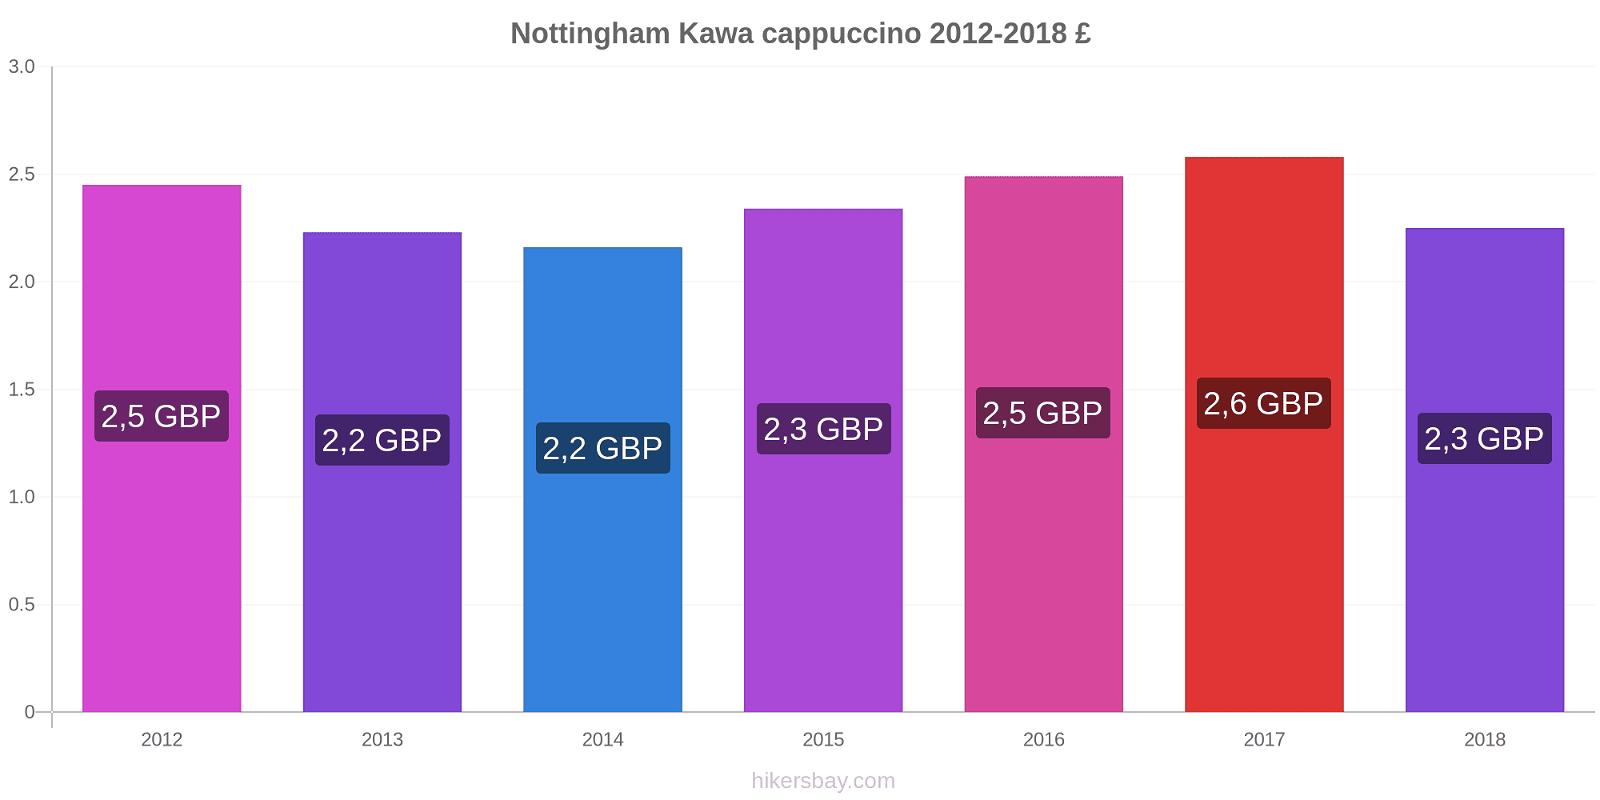 Nottingham zmiany cen Kawa cappuccino hikersbay.com